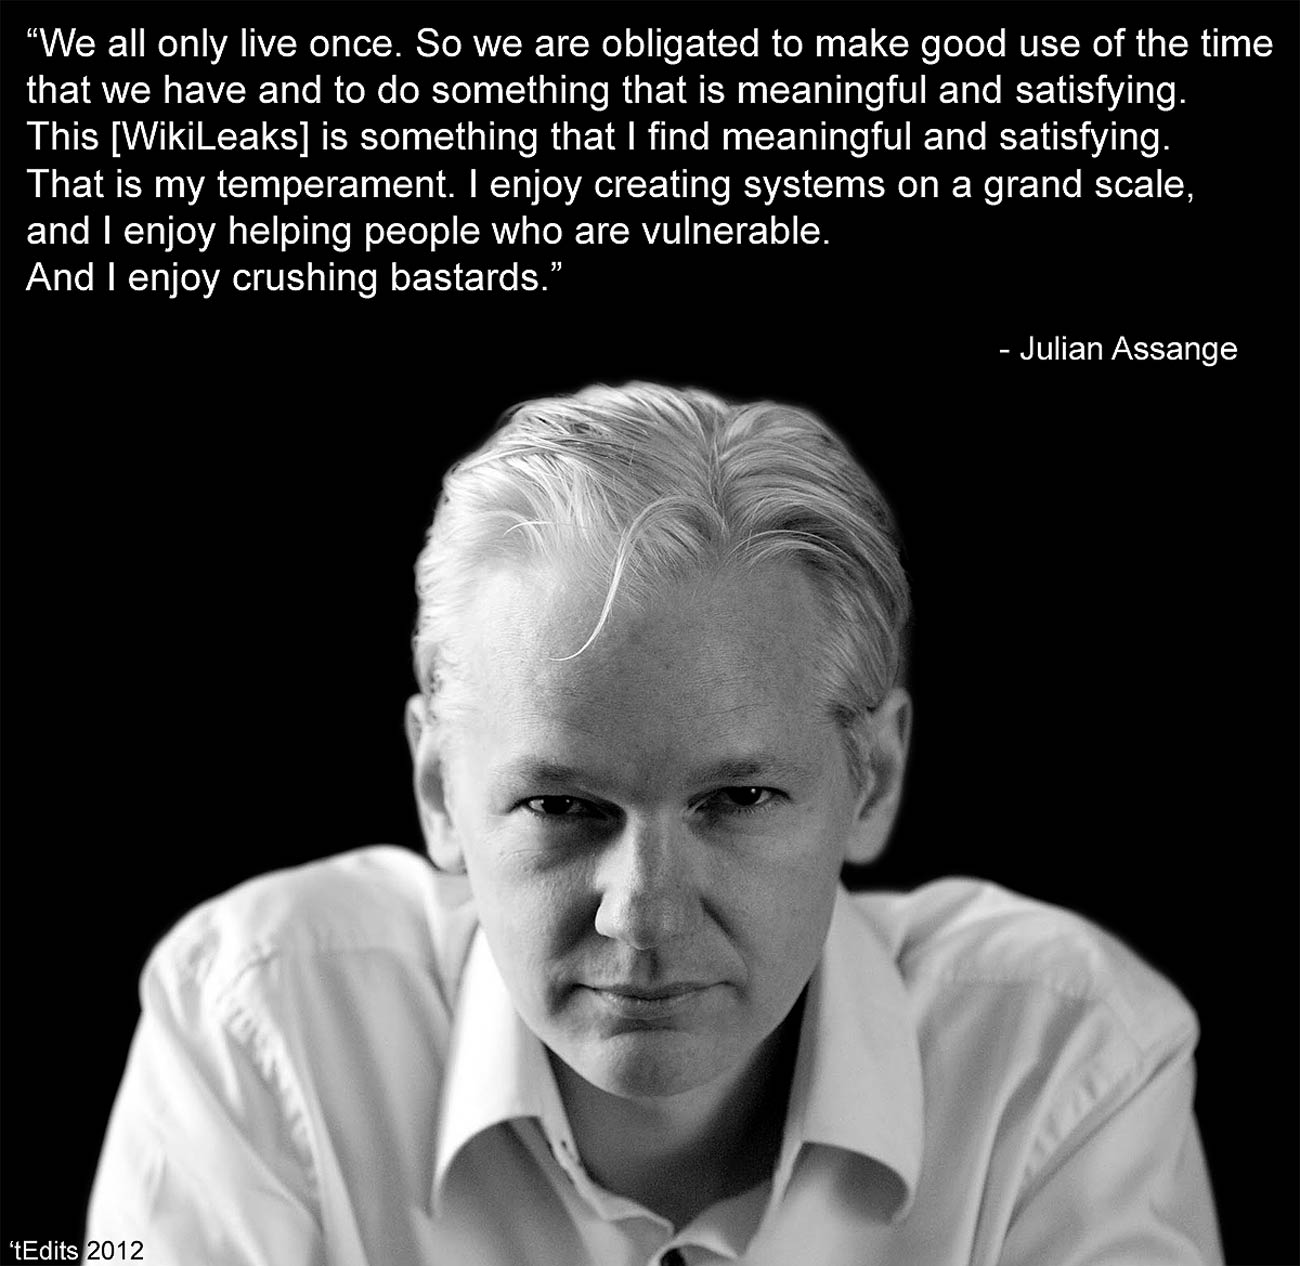 Julian Assange meurt à petit feu en ce moment dans l'indifférence générale